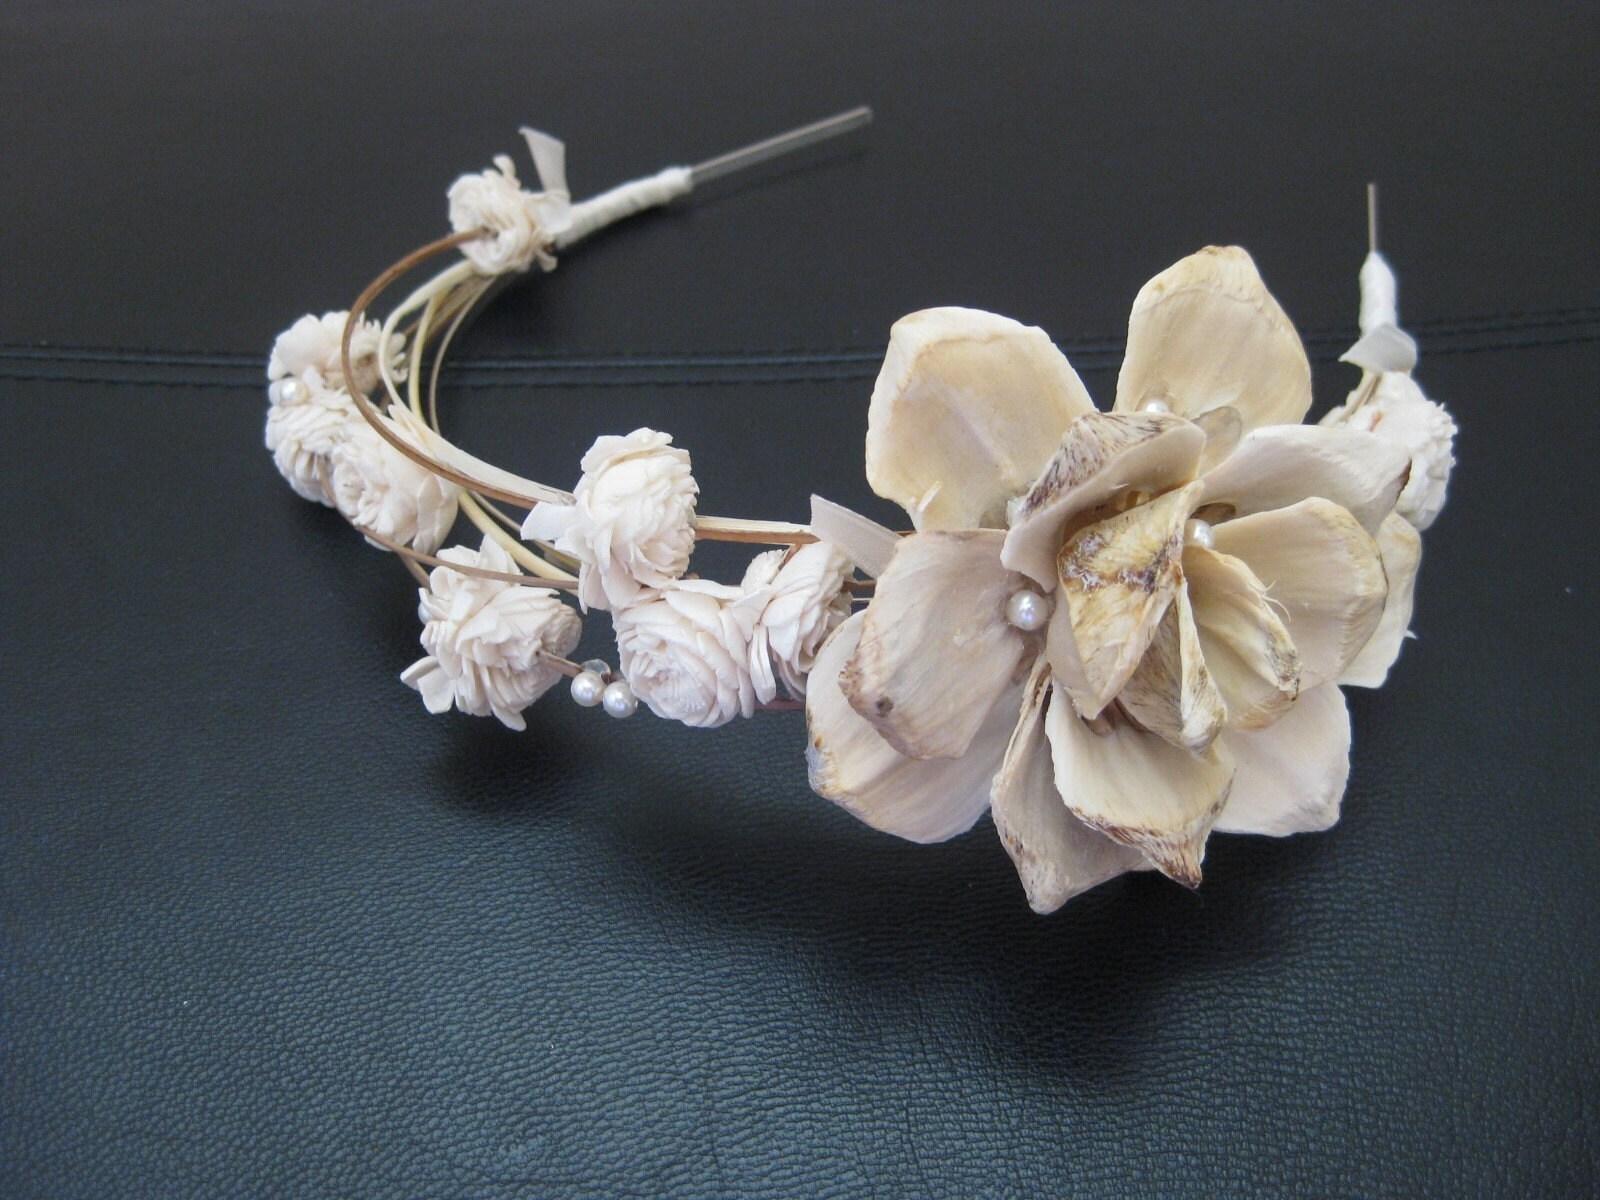 WOVEN-ivory tiara